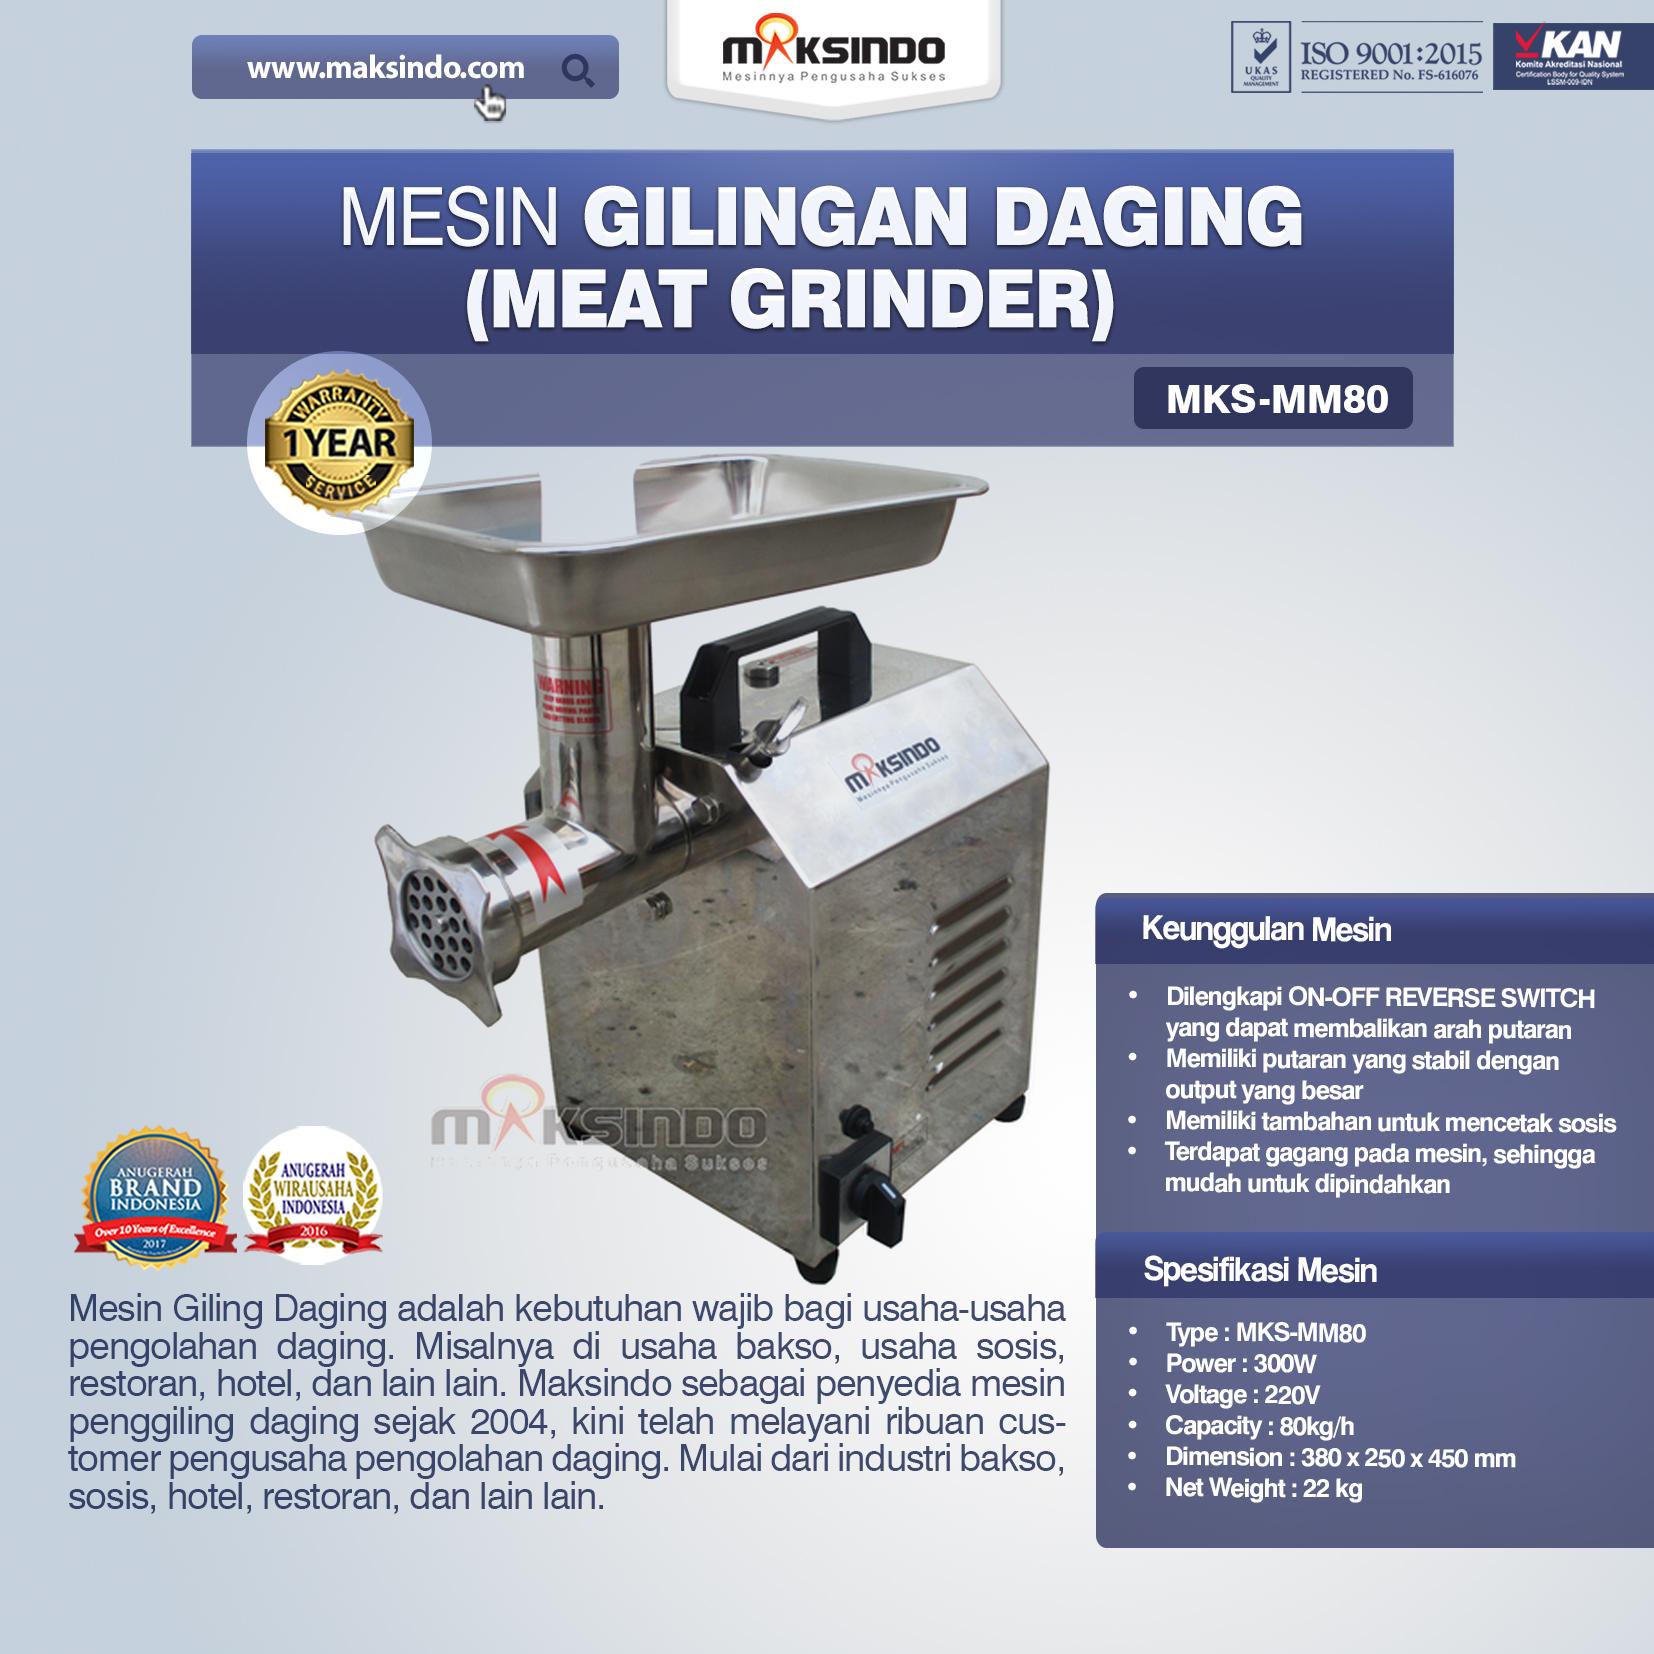 Jual Mesin Meat Grinder MKS-MM80 di Jakarta